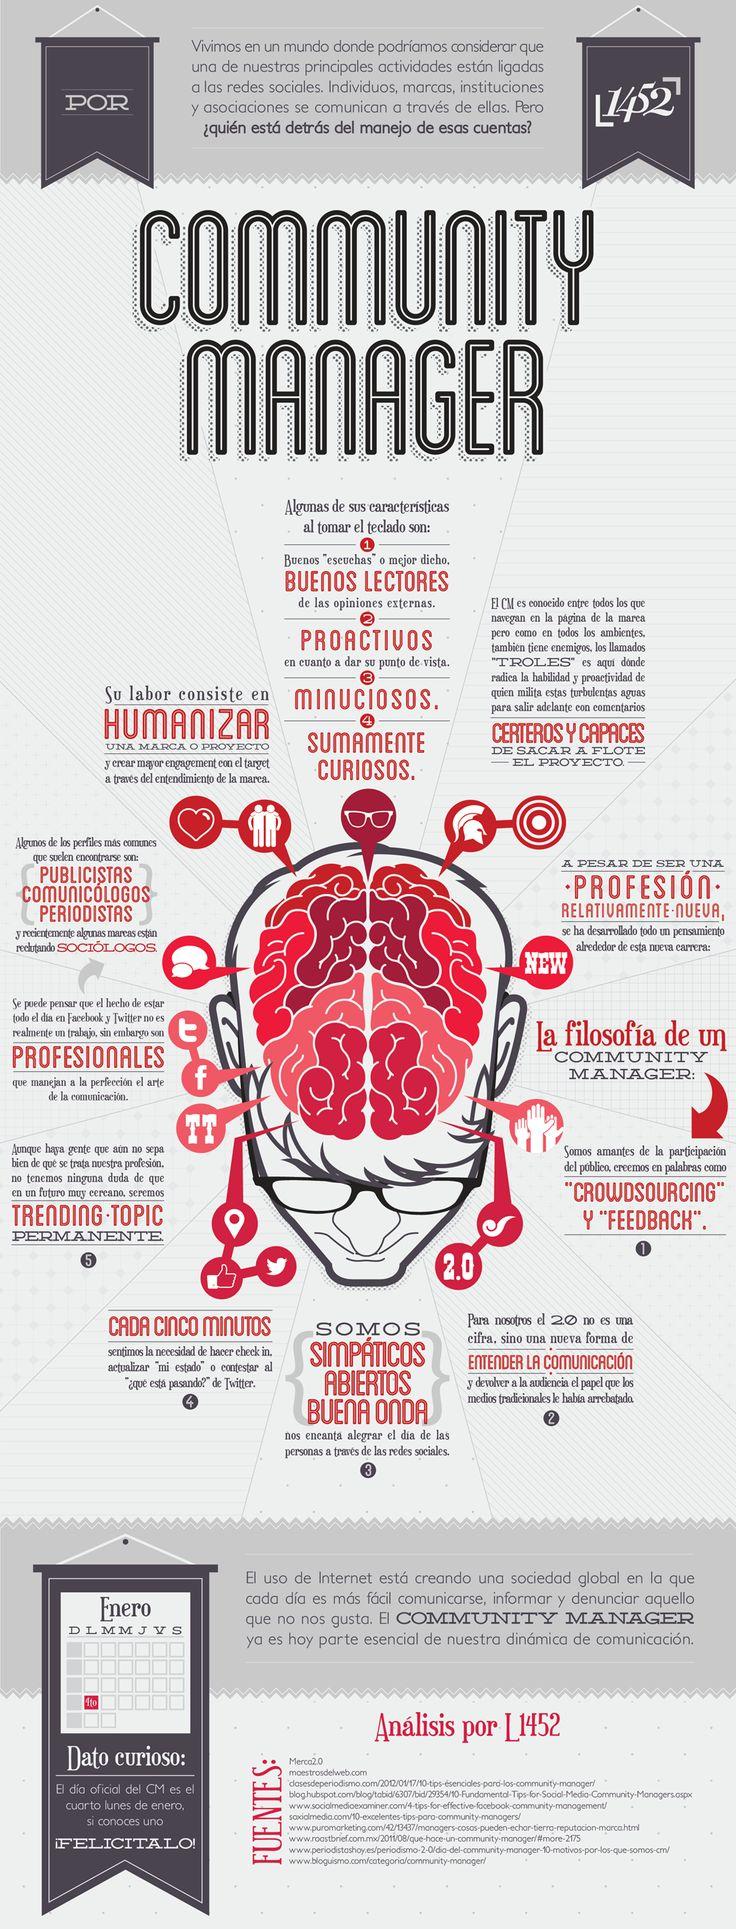 Quién son los Community Manager #infografia #infographic#socialmedia | TICs y Formación en WordPress.com Yes.